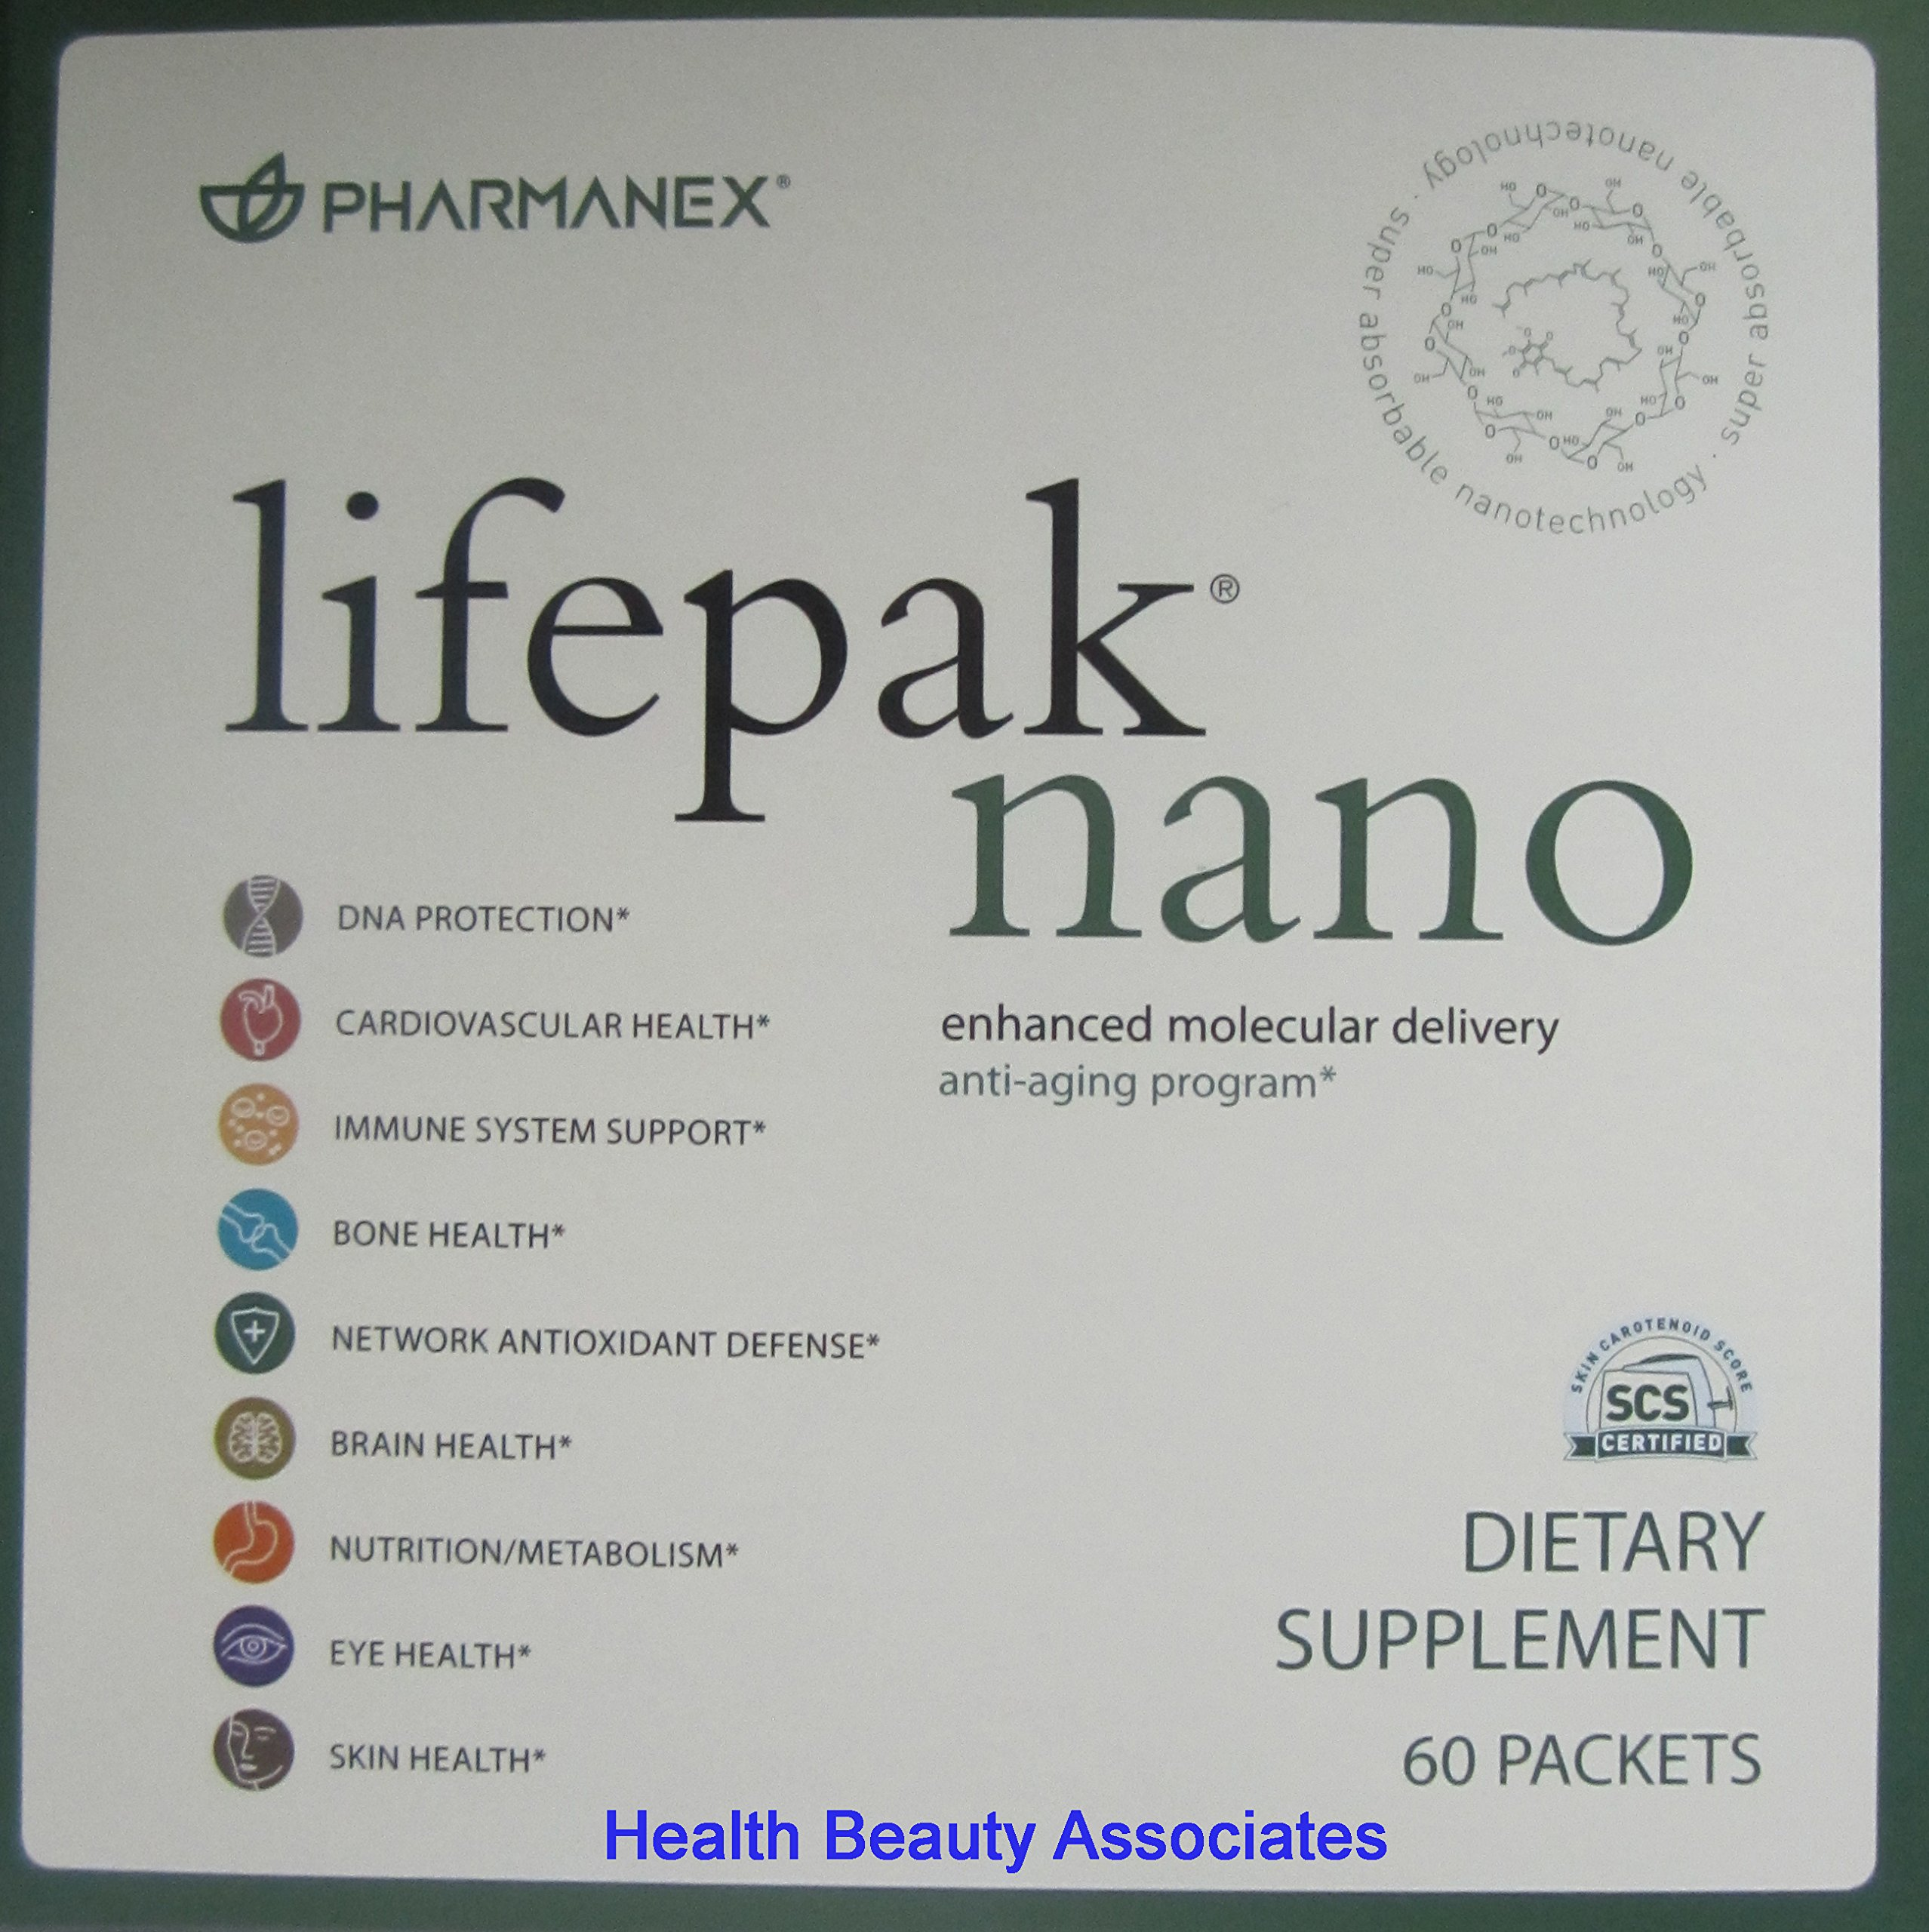 pharmanex lifepak nano anti aging tary supplement